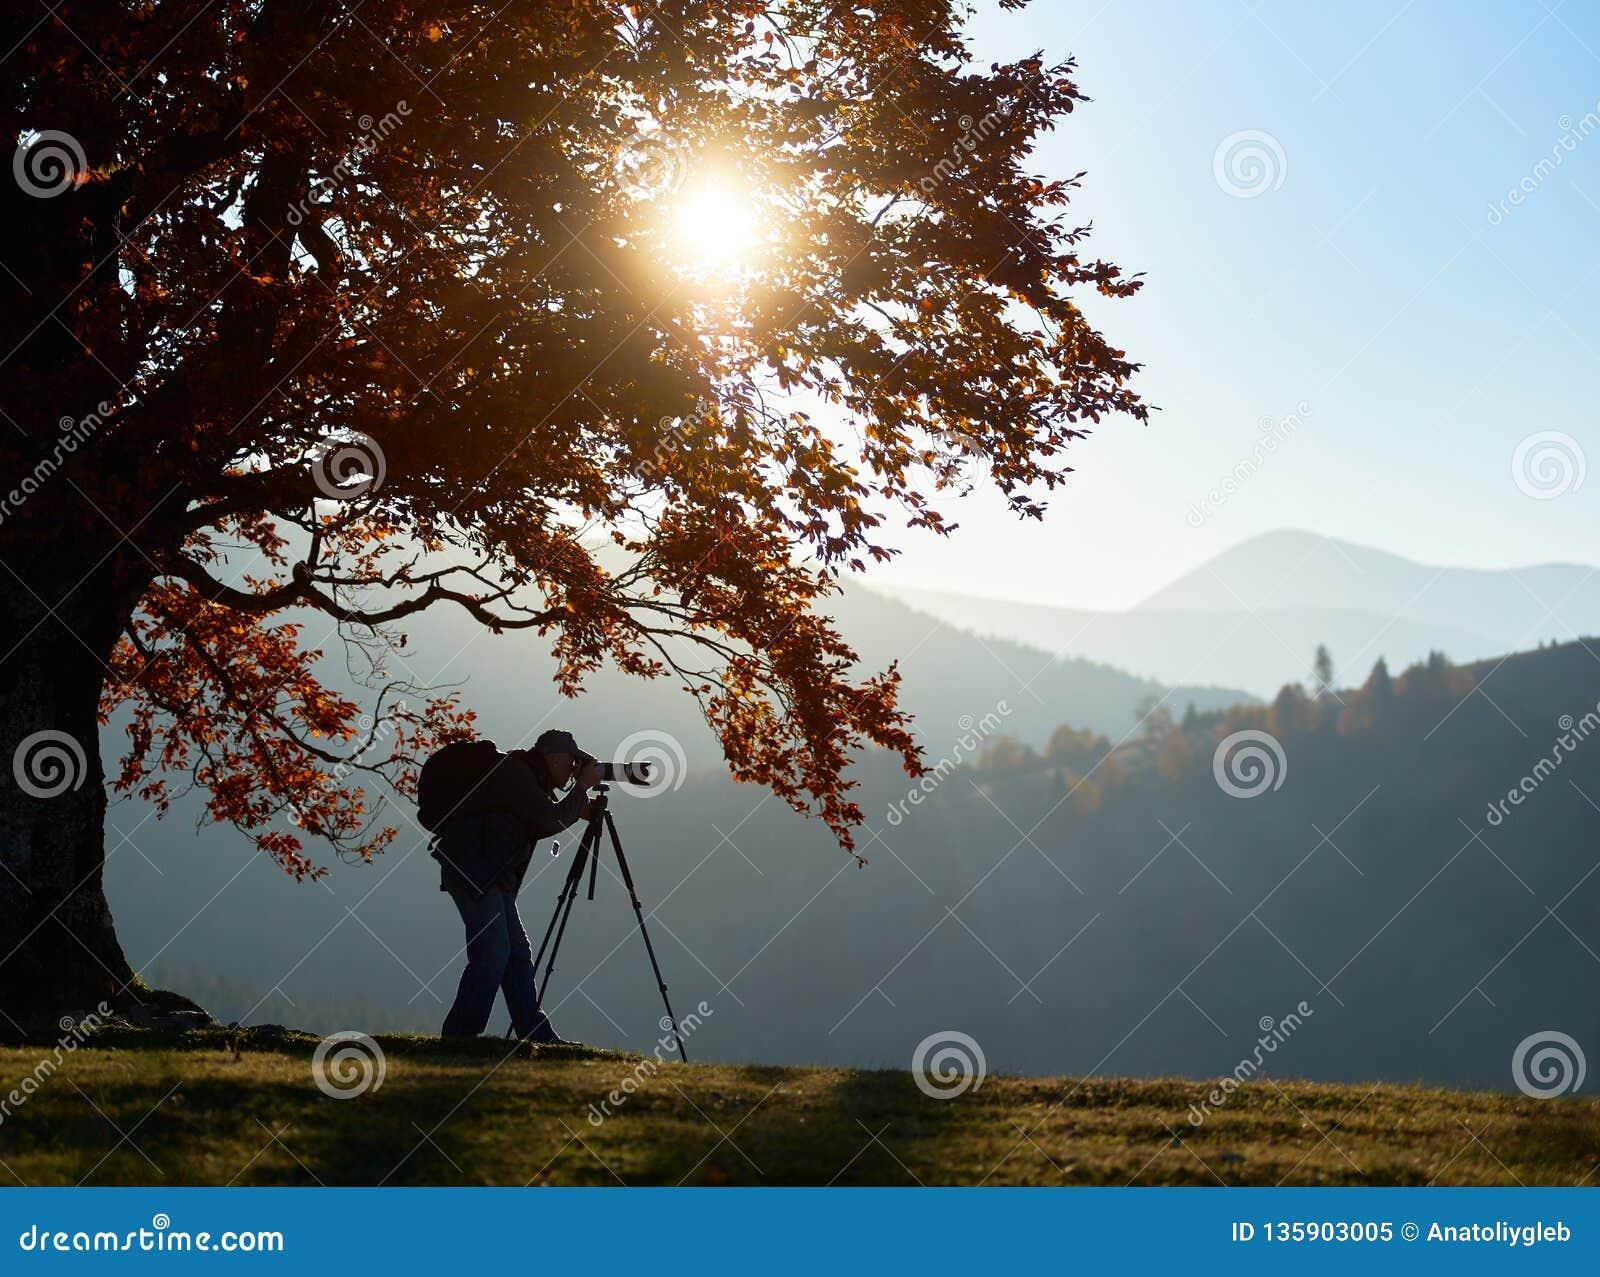 Человек Hiker туристский с камерой на травянистой долине на предпосылке ландшафта горы под большим деревом